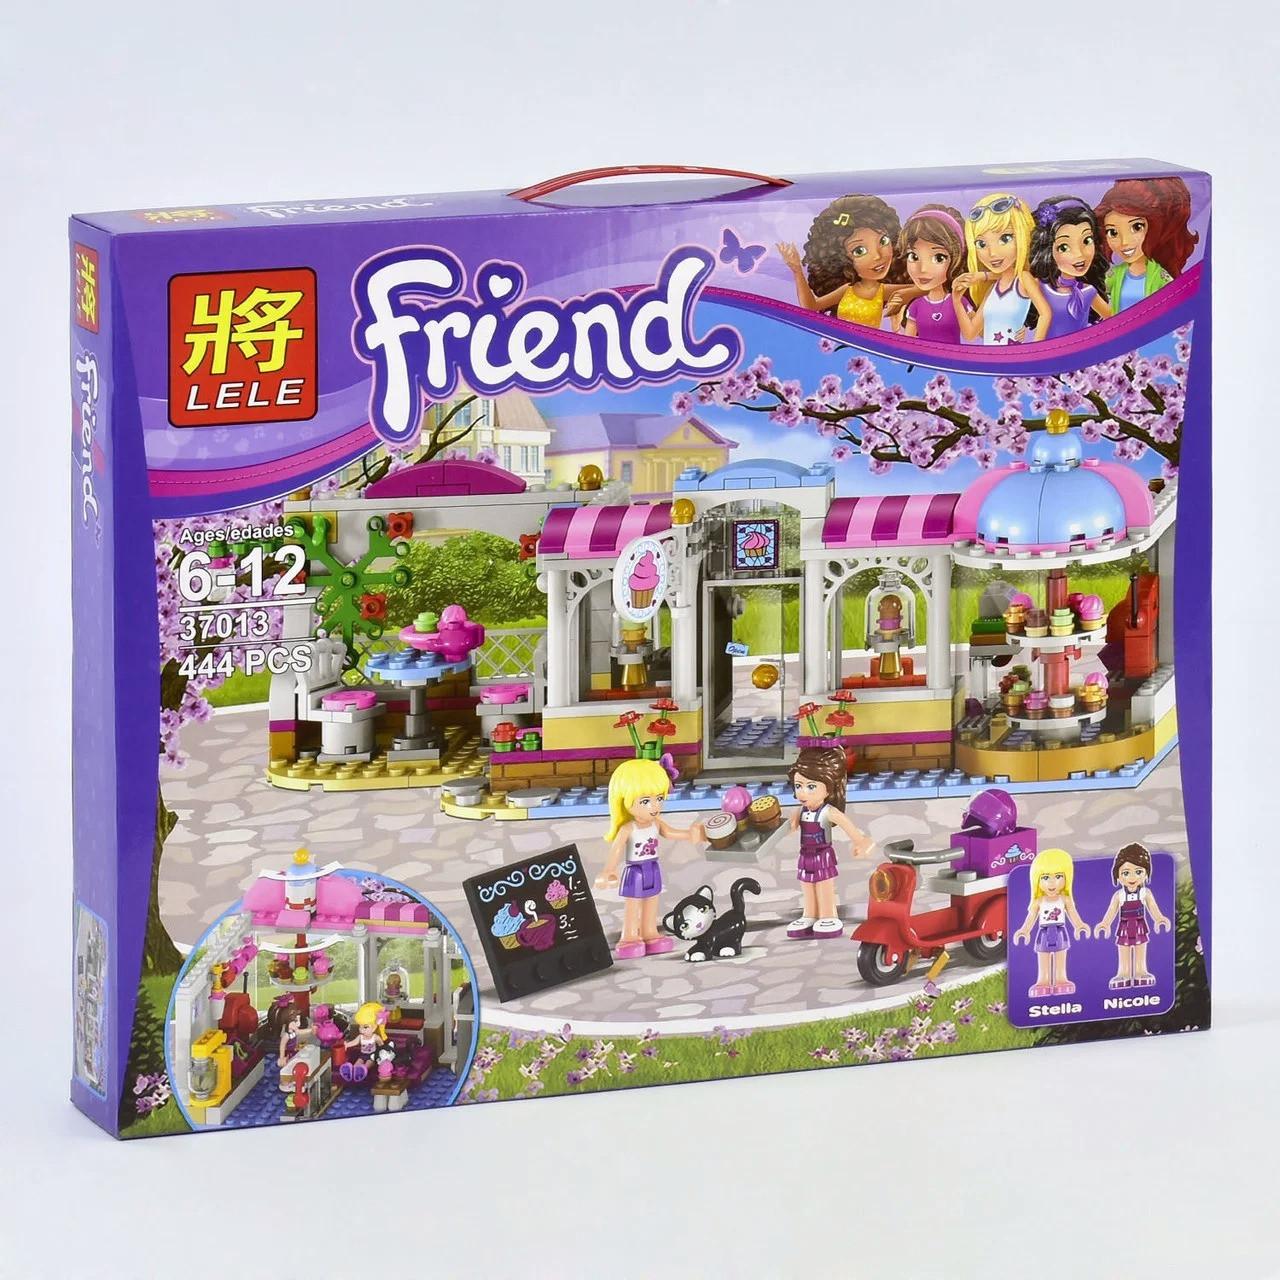 """Конструктор Lele 37013 Friends """"Кондитерская"""" (аналог LEGO Friends 41119), 444 детали"""